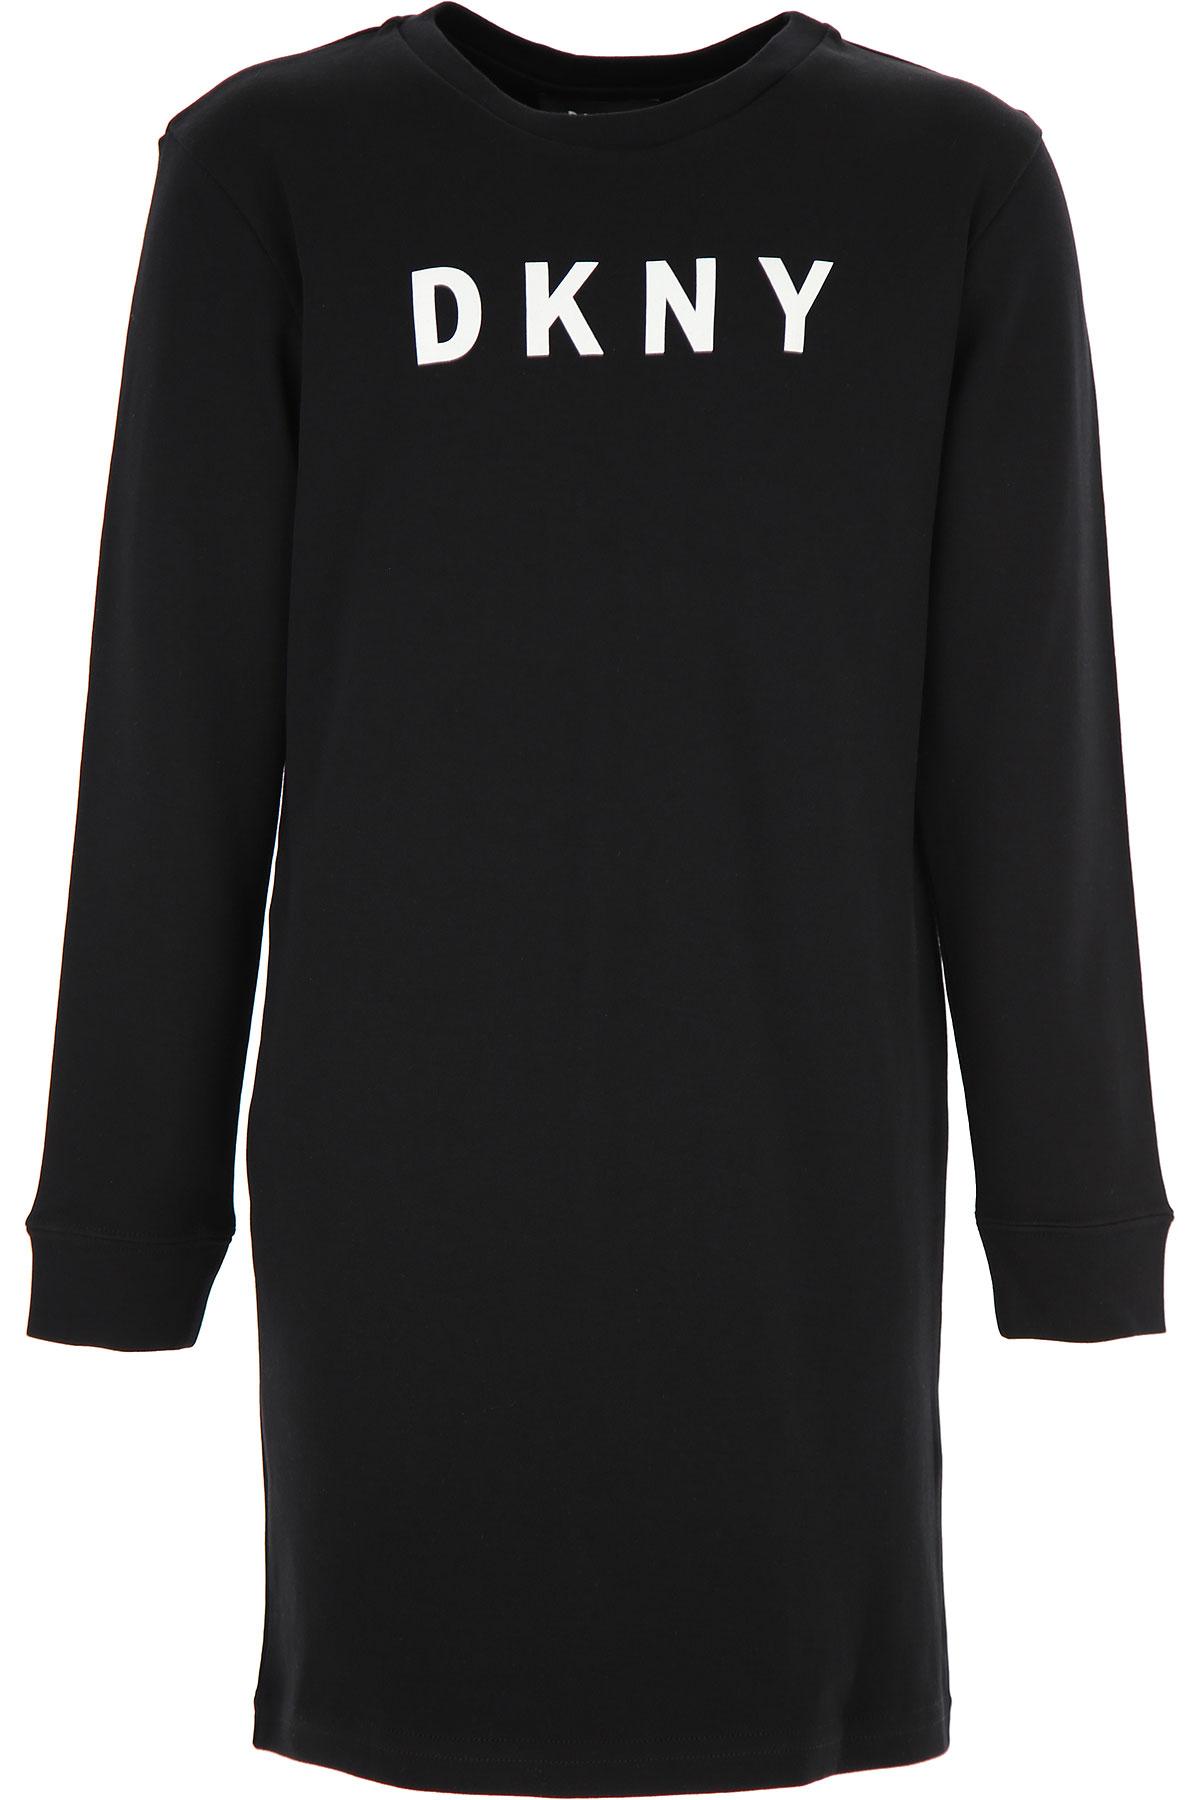 DKNY Girls Dress On Sale, Black, Cotton, 2019, 10Y 14Y 8Y